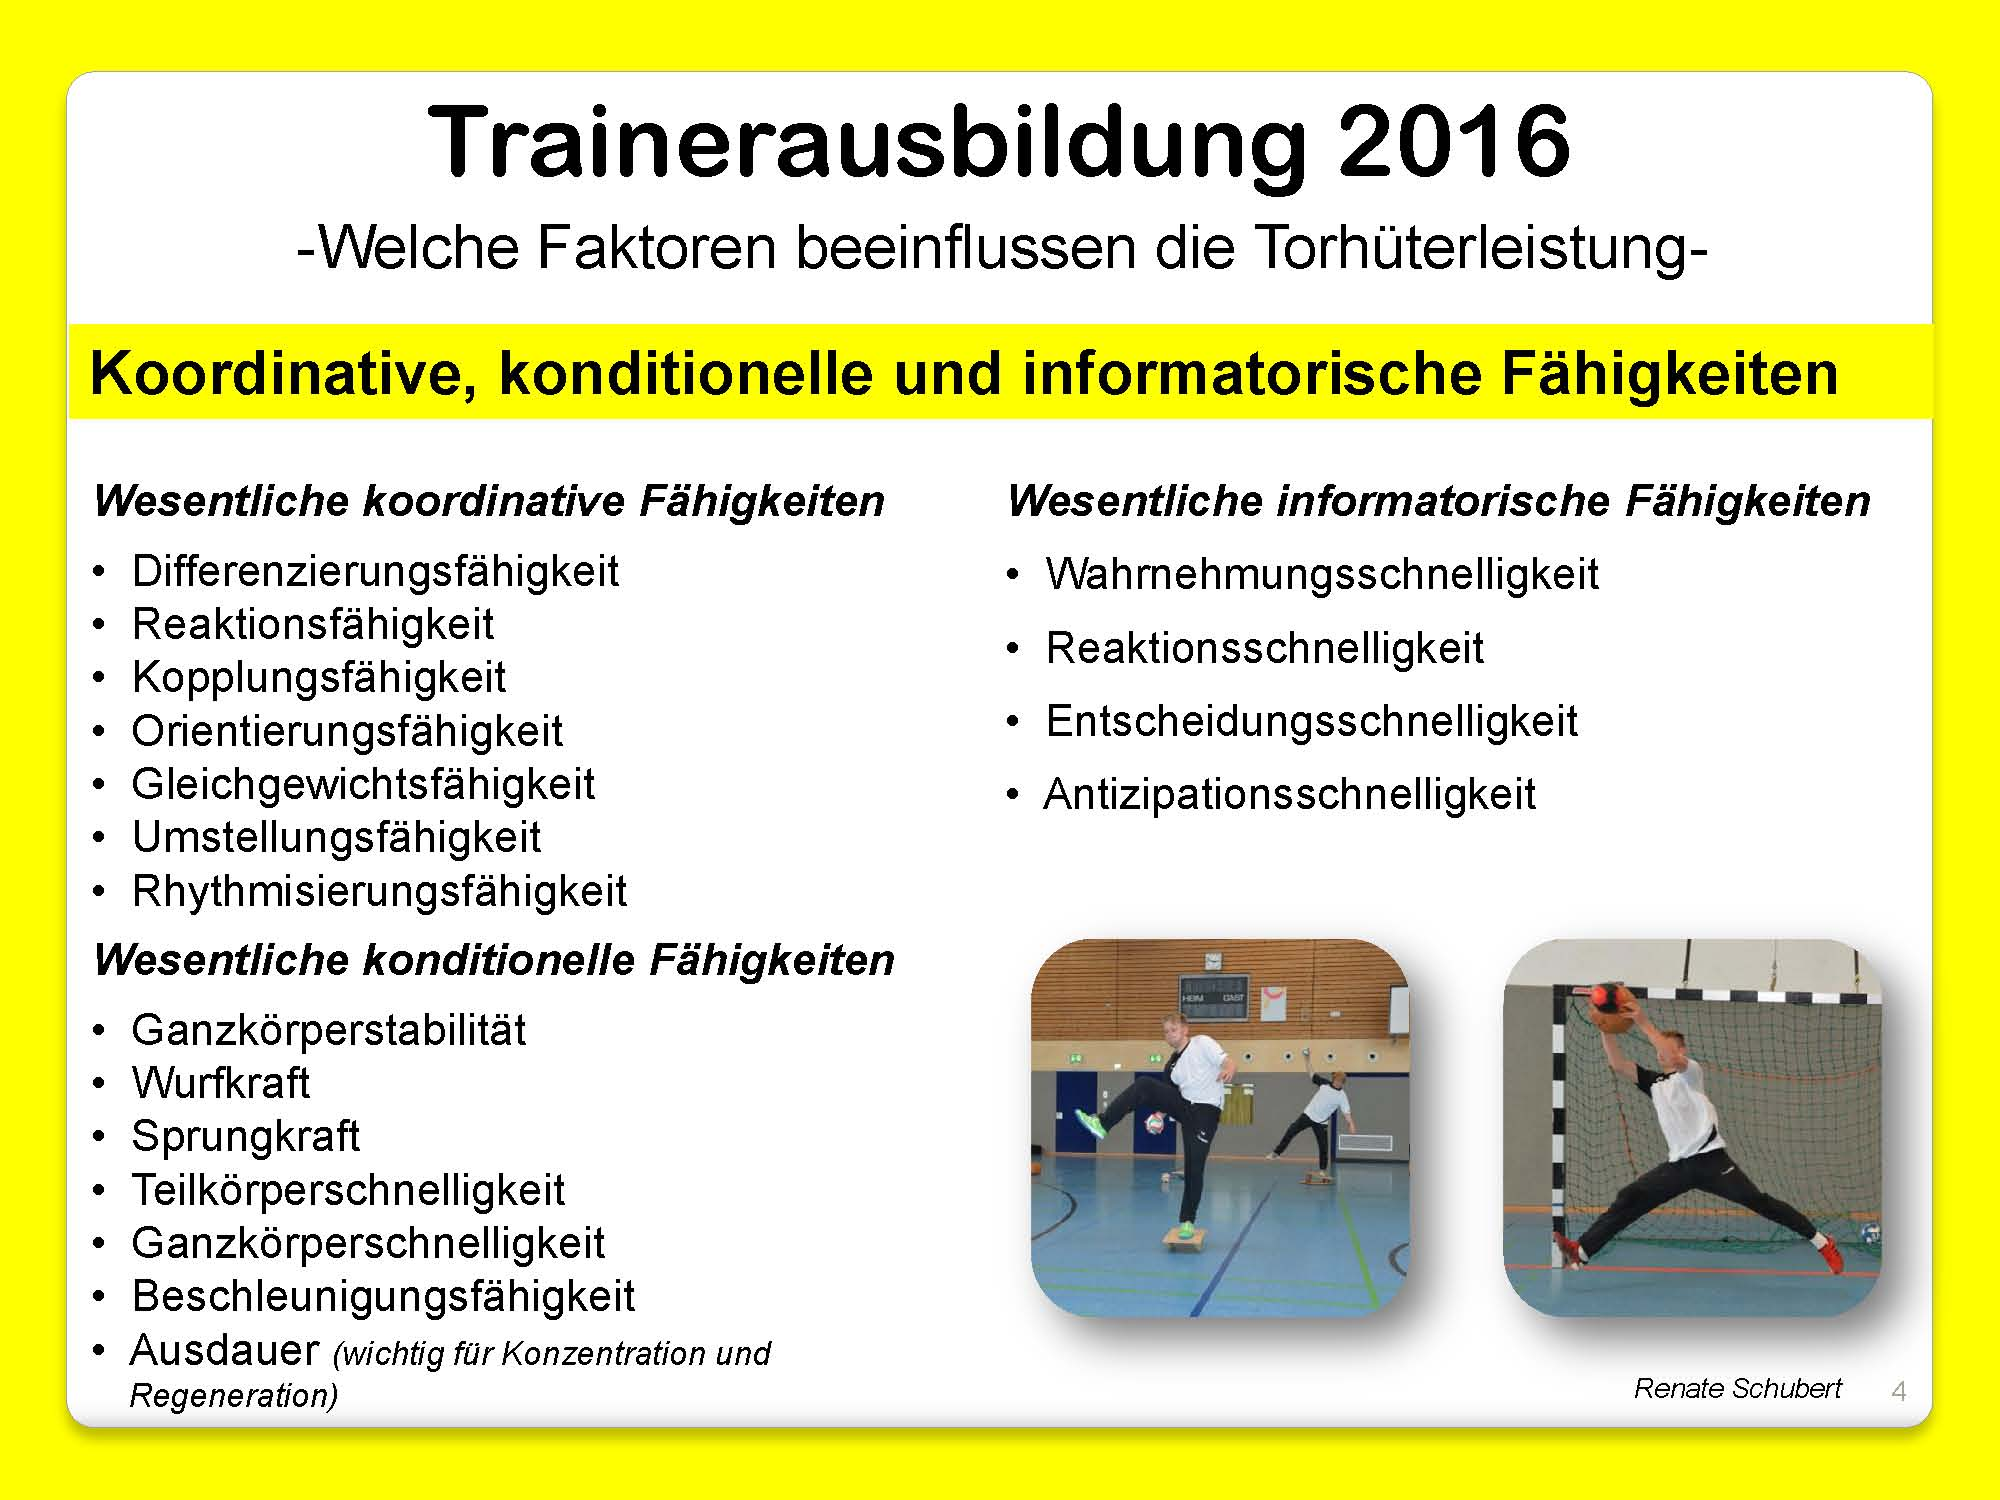 trainerausbildung_2016_Seite_04